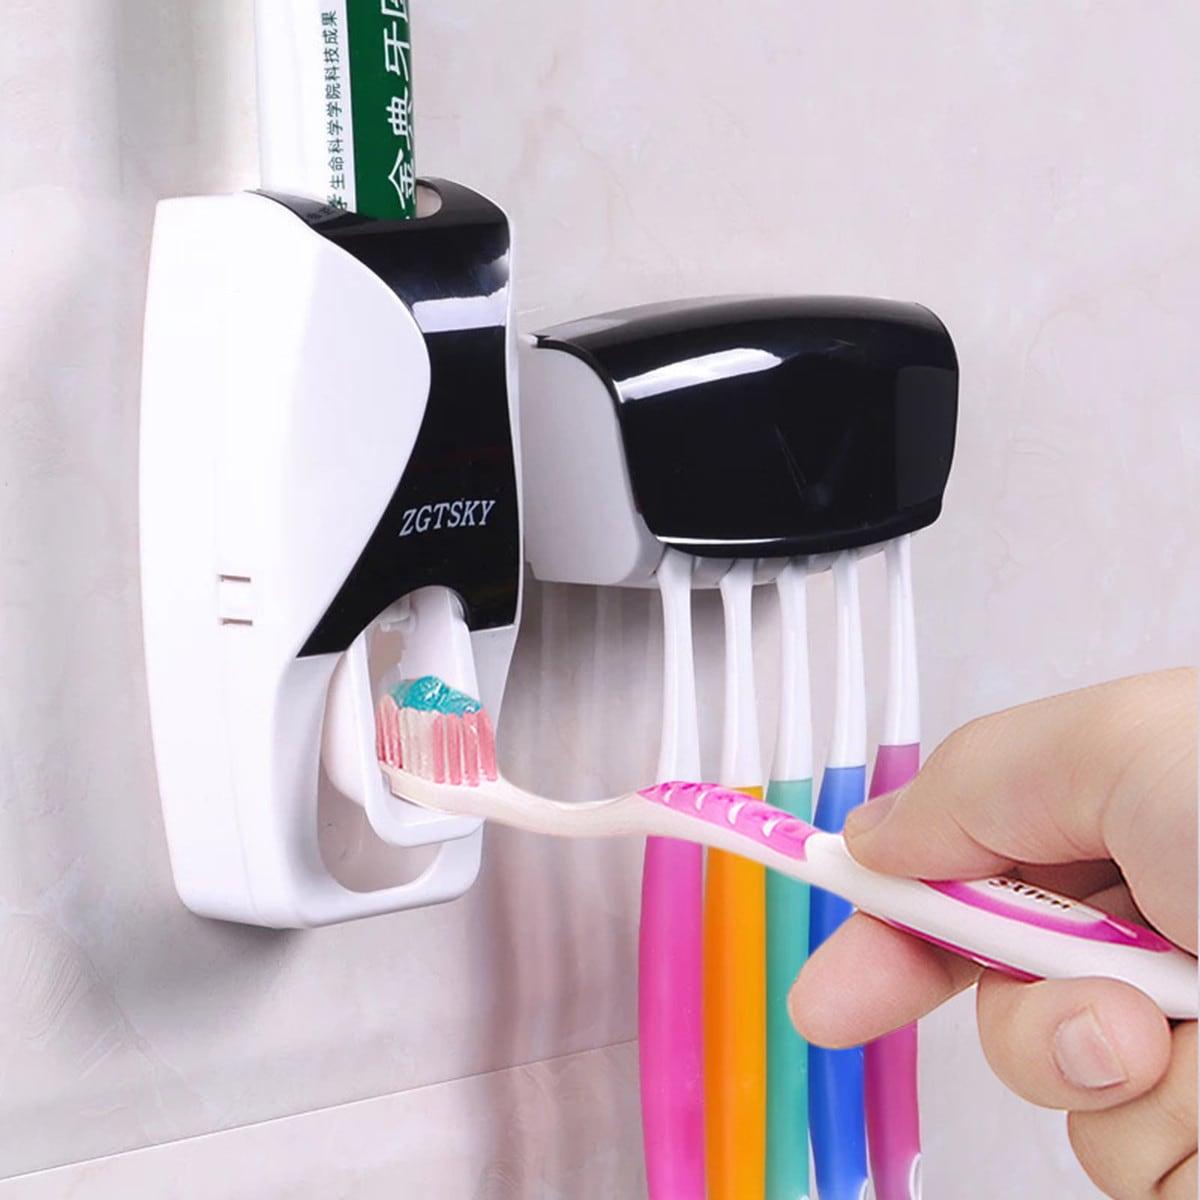 Veel kleurig Tandenborstel houder/rekje Badkamer opslag